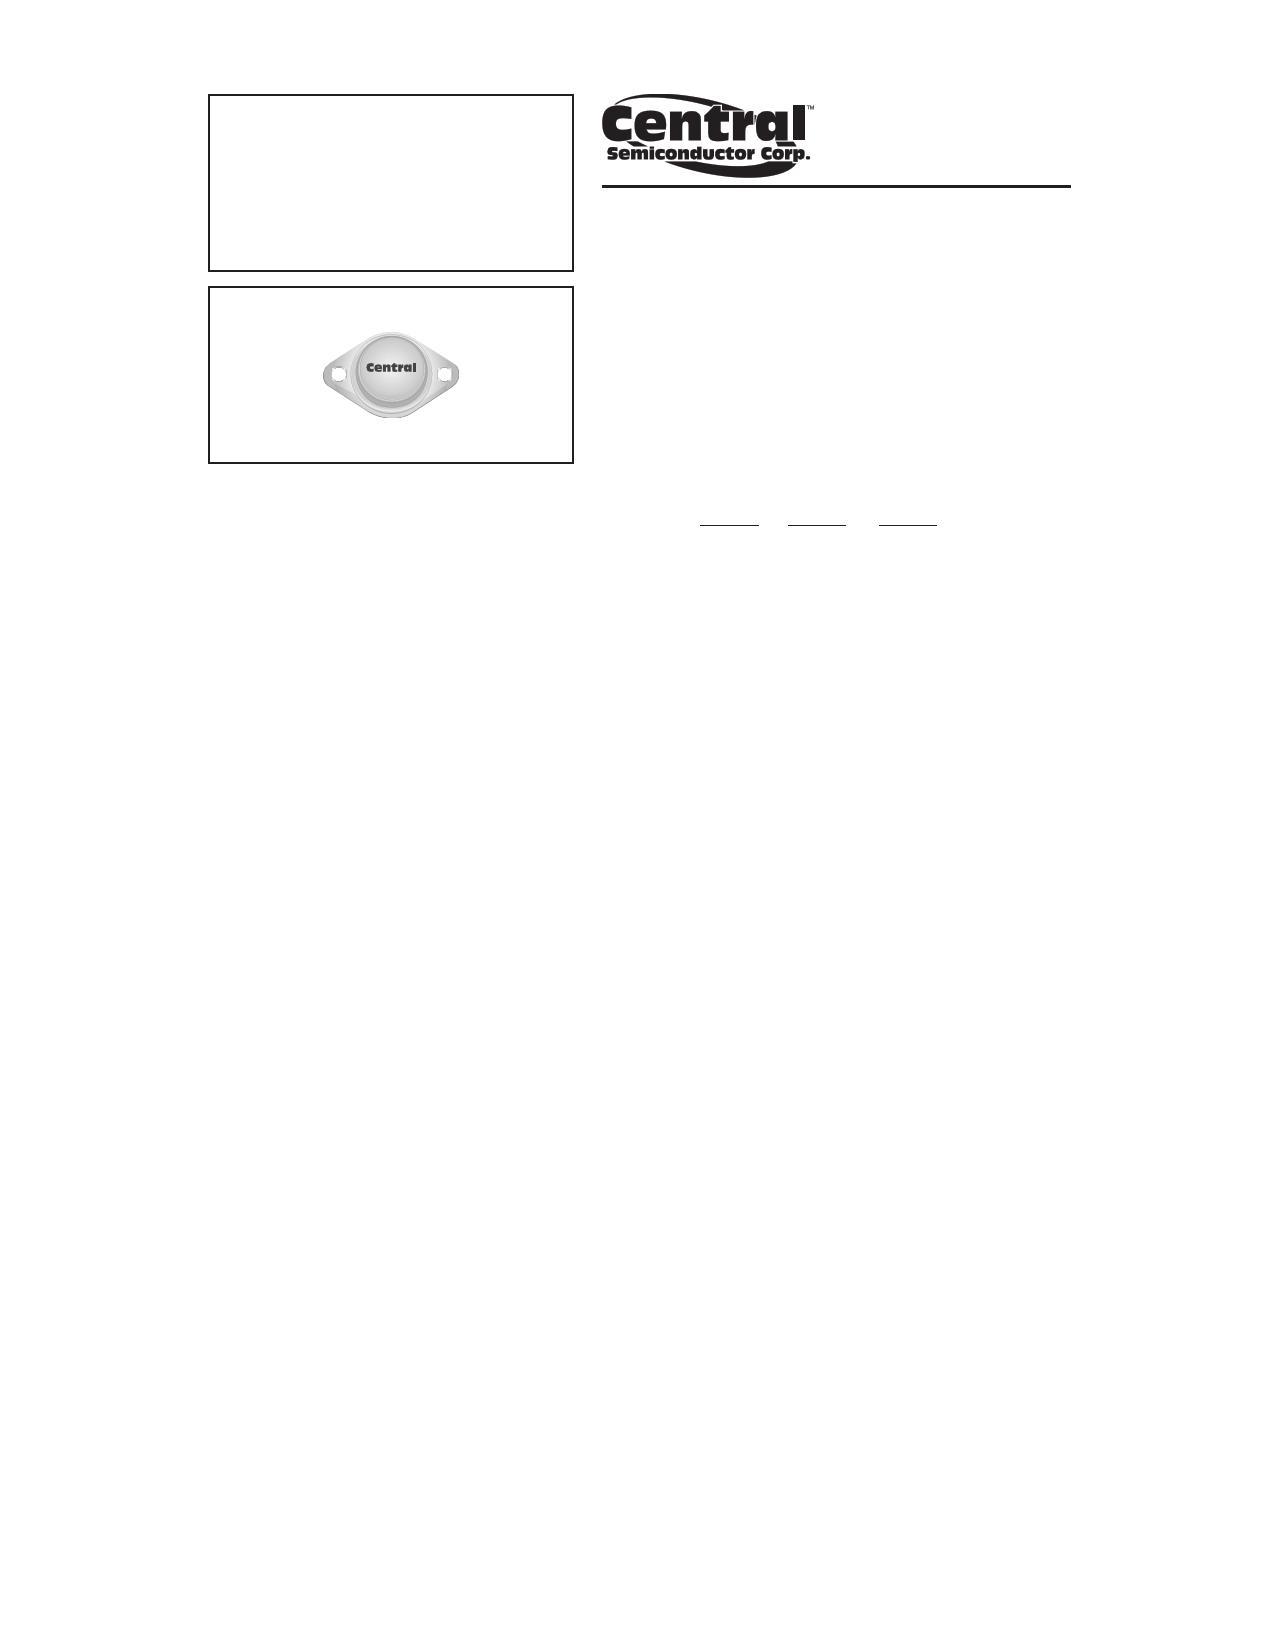 2N6282 Datasheet, 2N6282 PDF,ピン配置, 機能